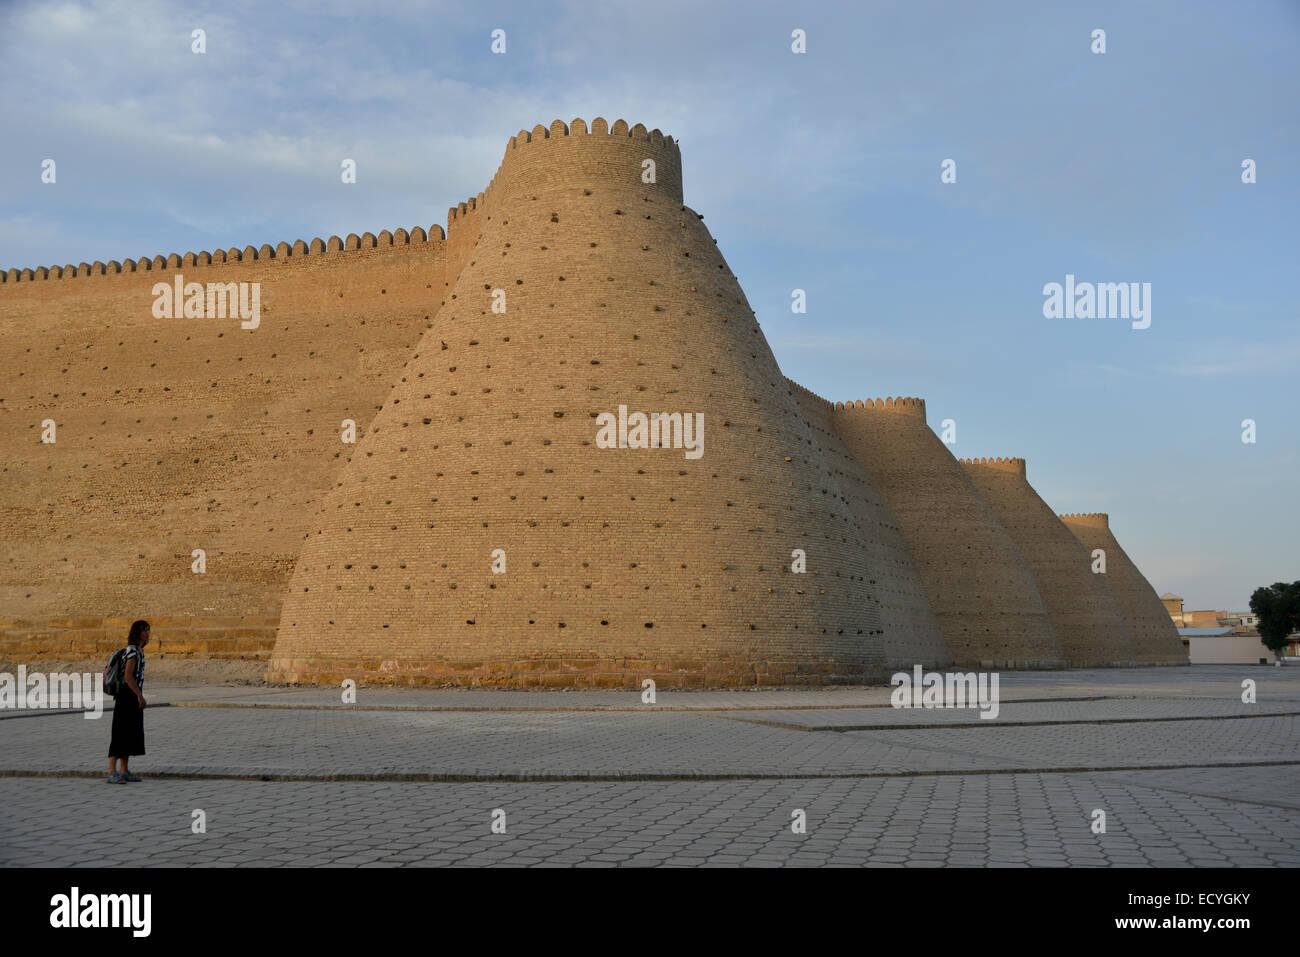 Questa è una vecchia fortezza dell'Emirato di Bukhara - Asia Centrale. Immagini Stock